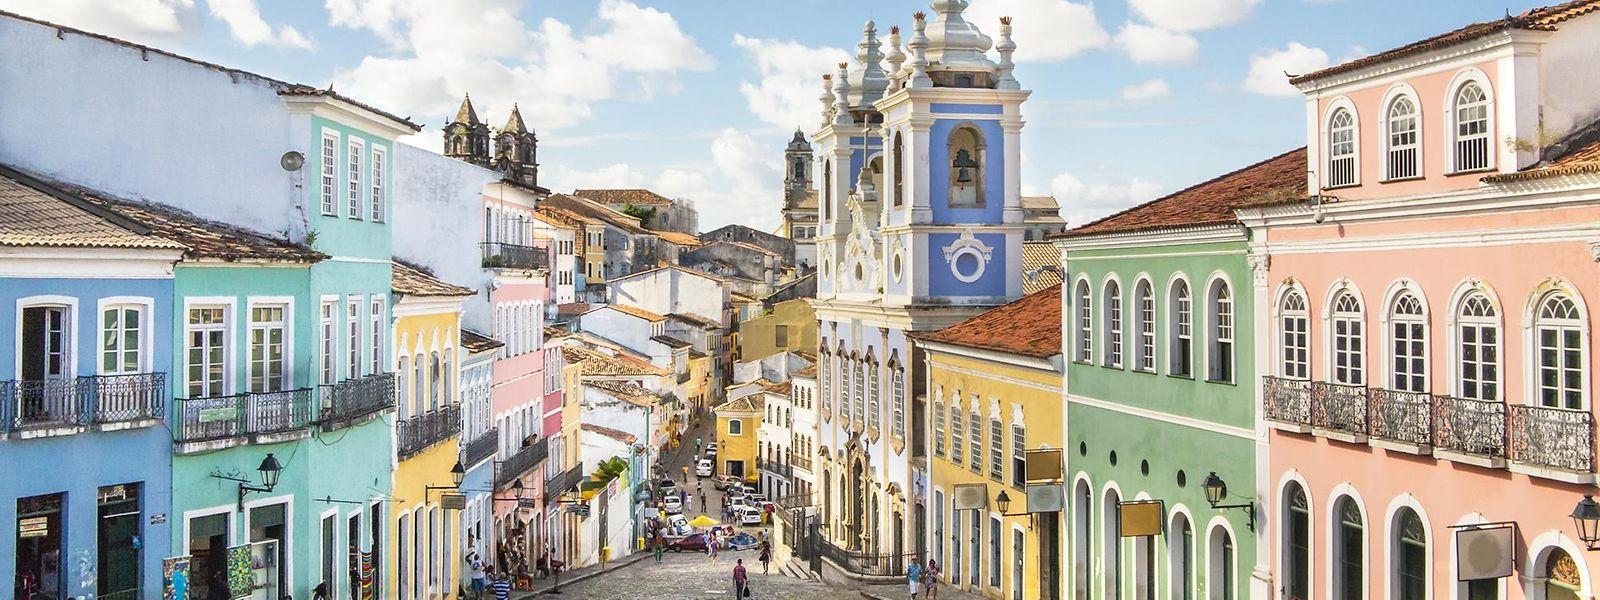 Imagem panorâmica de São Salvador, capital do Estado da Baía (Bahia).